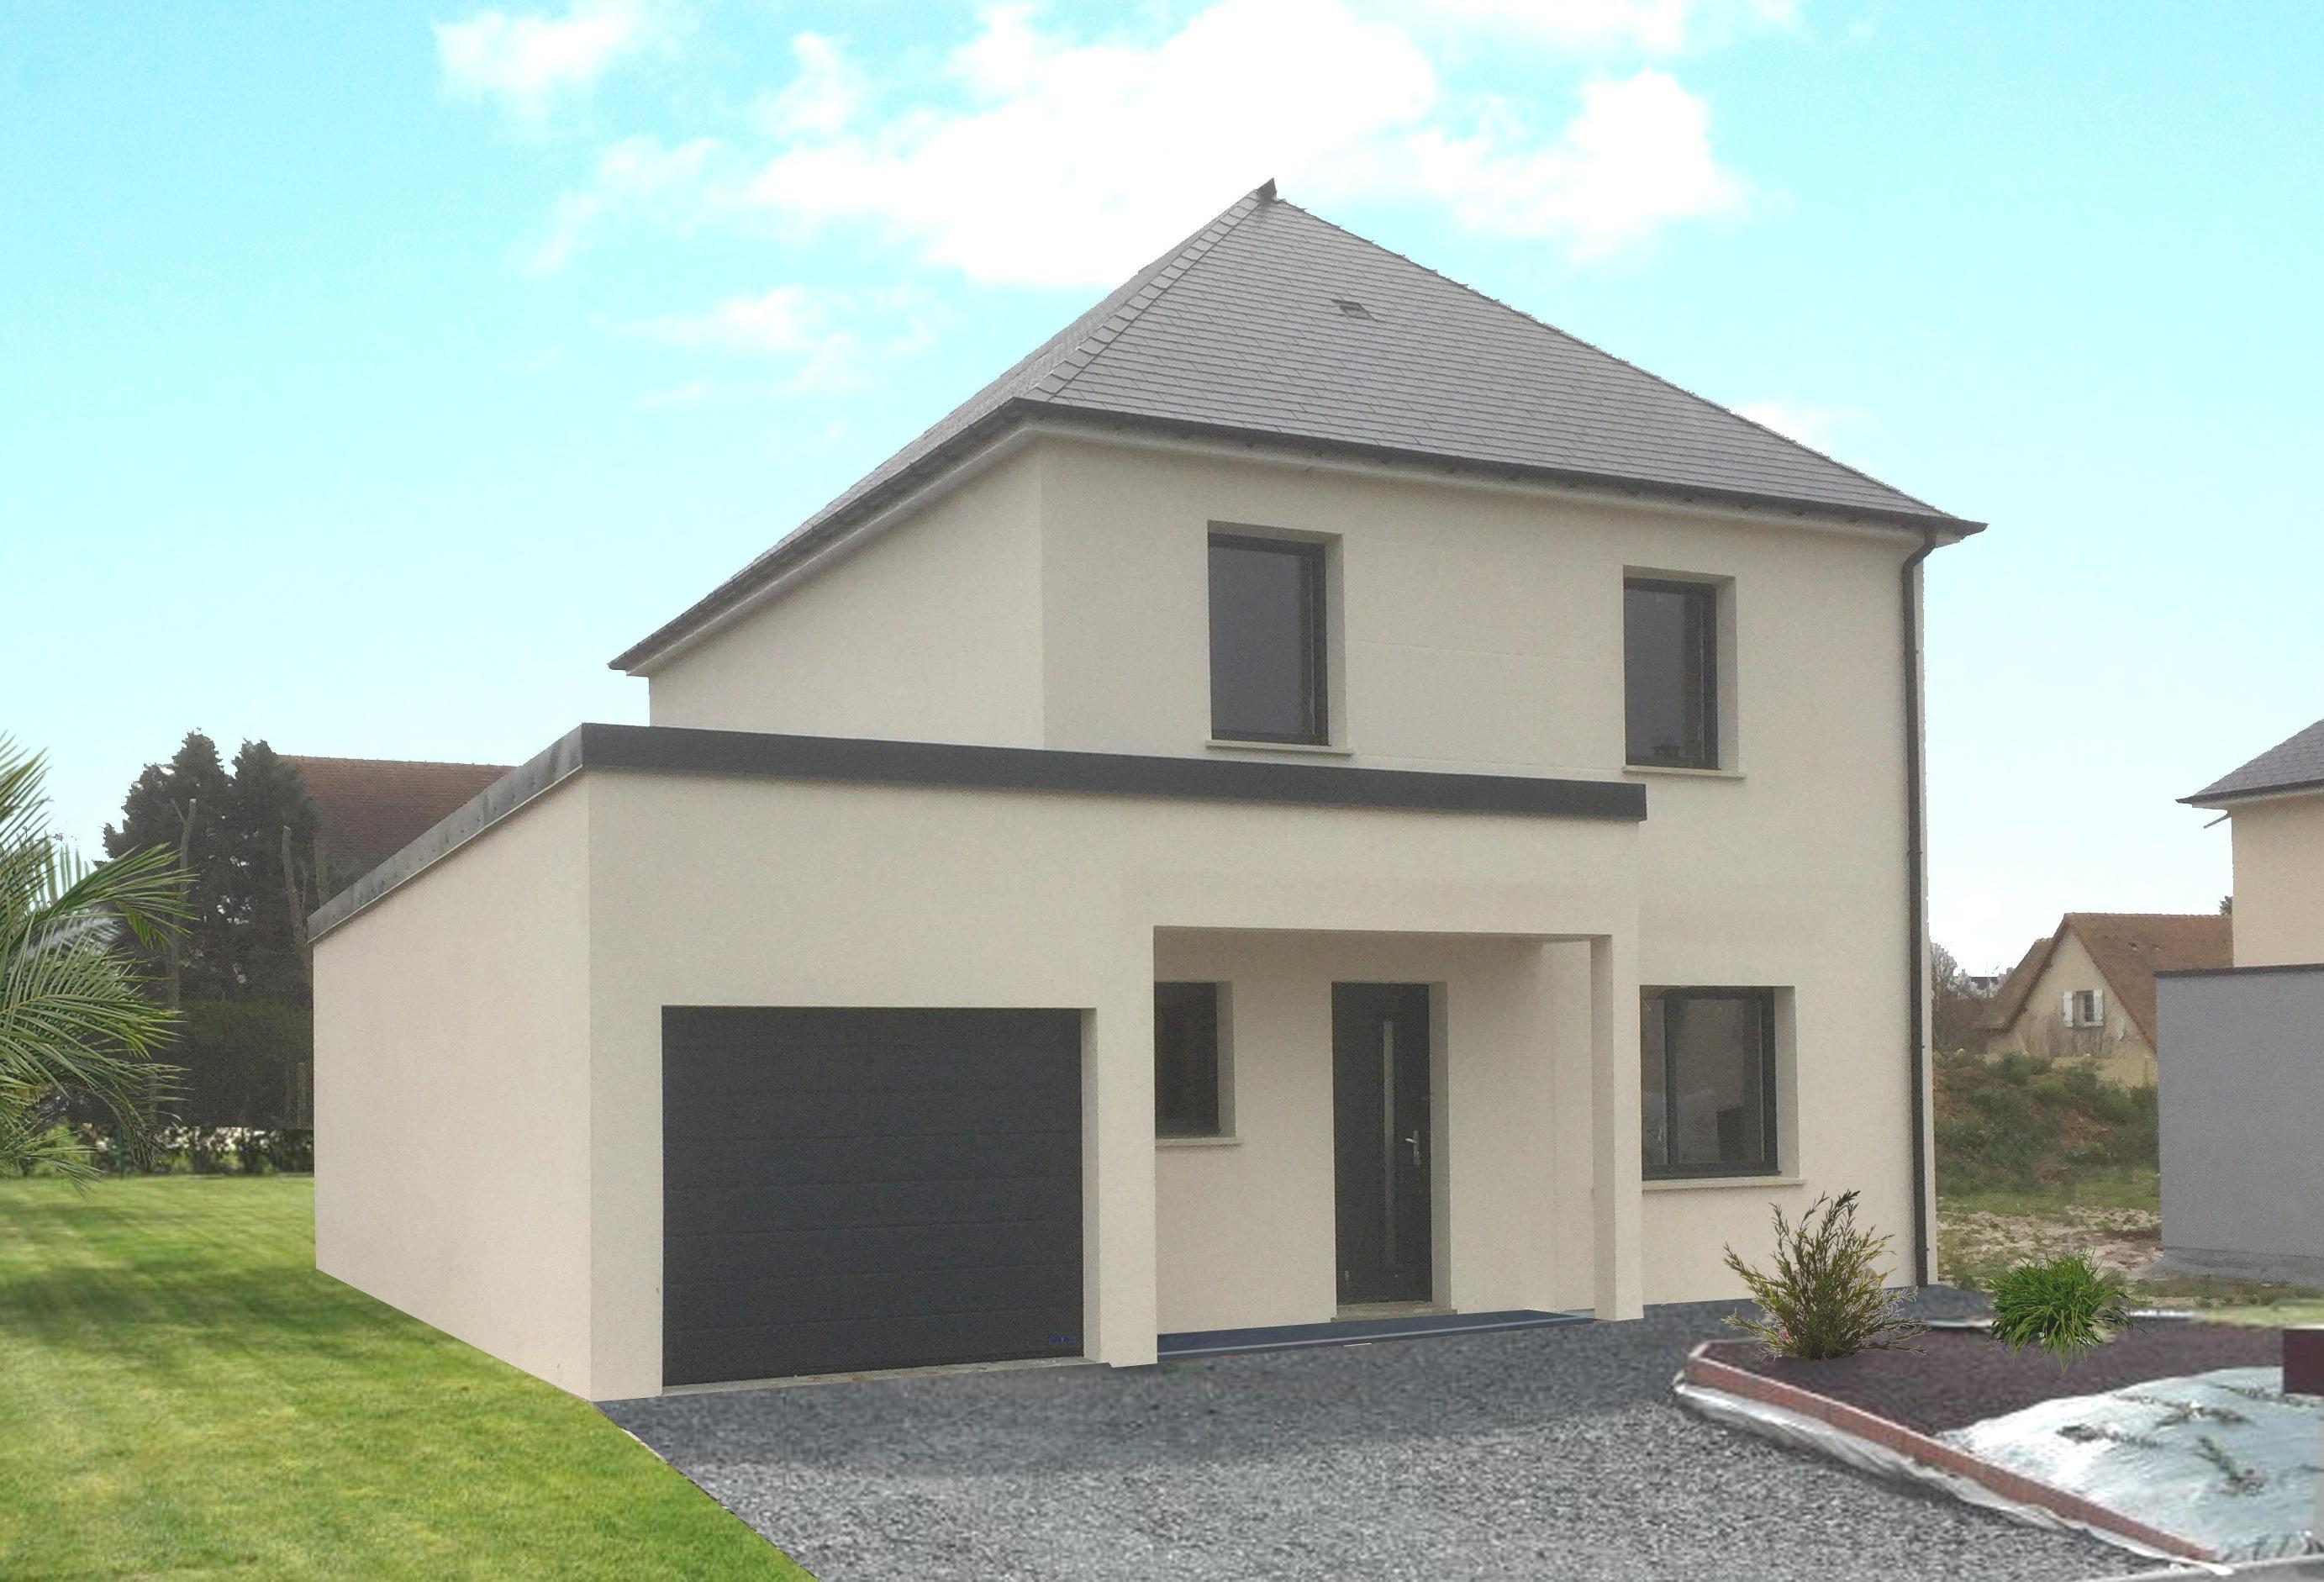 Maisons + Terrains du constructeur CASTOR MESNIL ESNARD • 103 m² • SAINT OUEN DU BREUIL